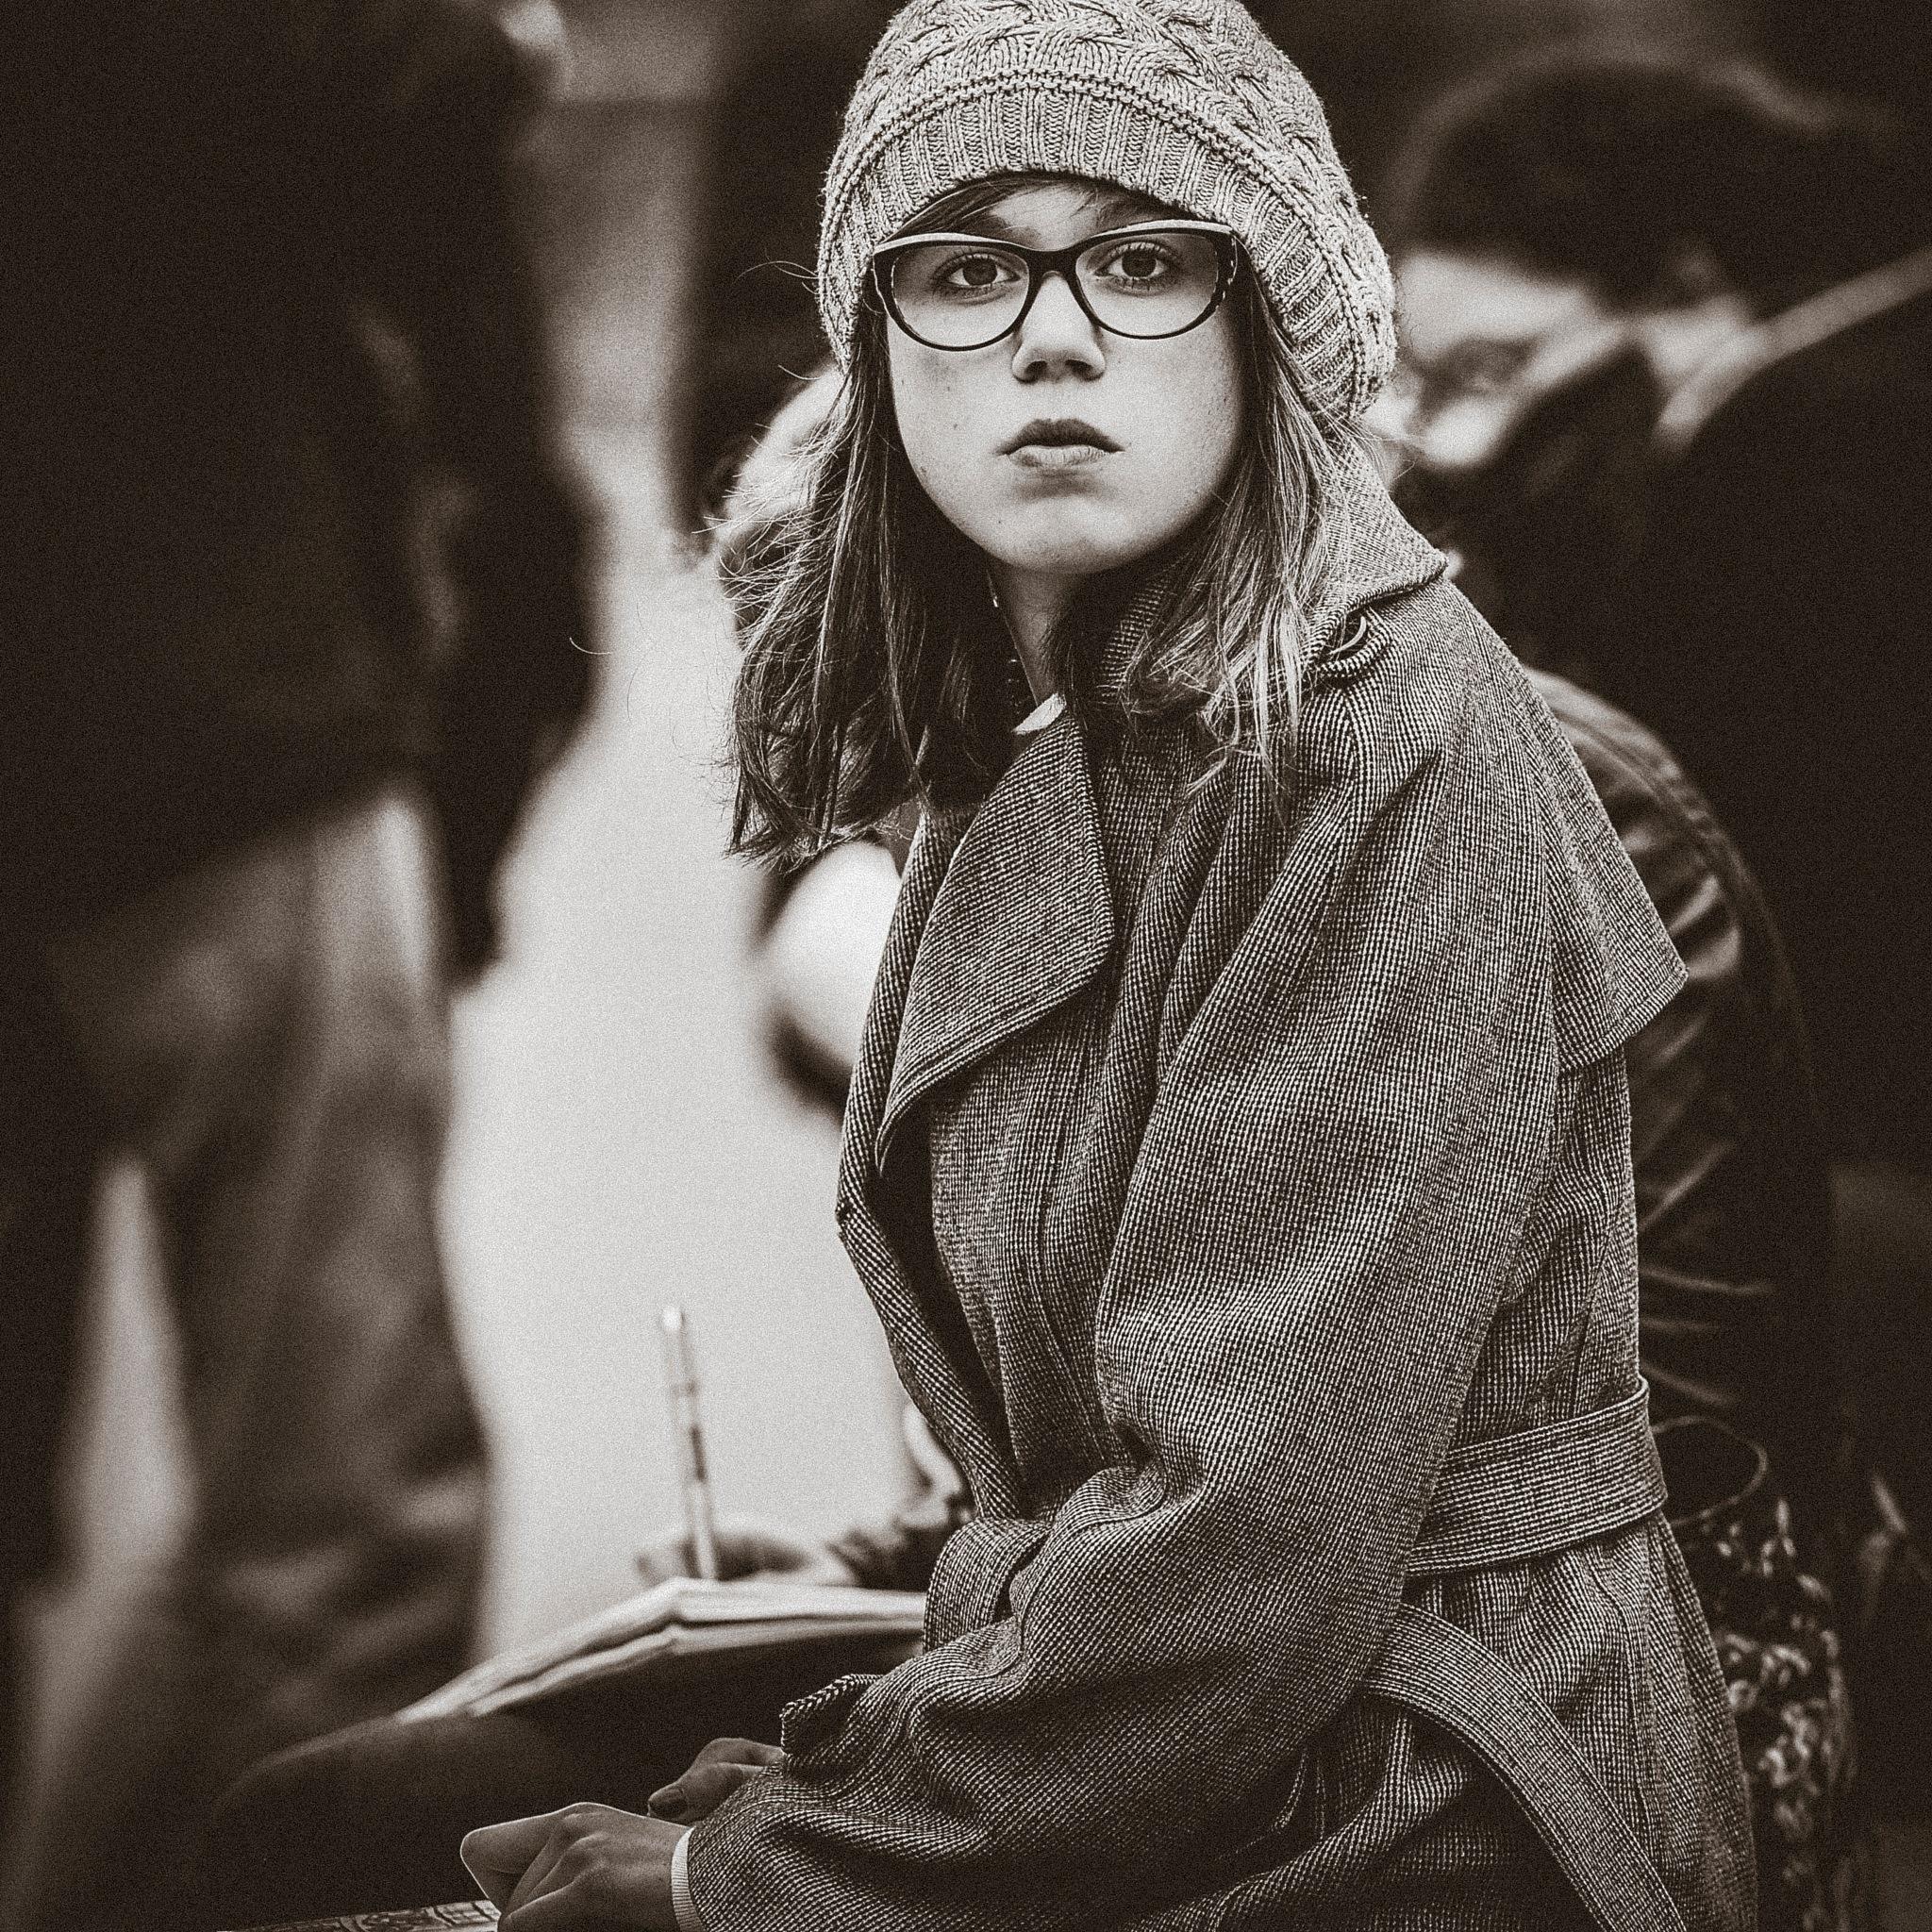 L'étudiante by La rue photographiée